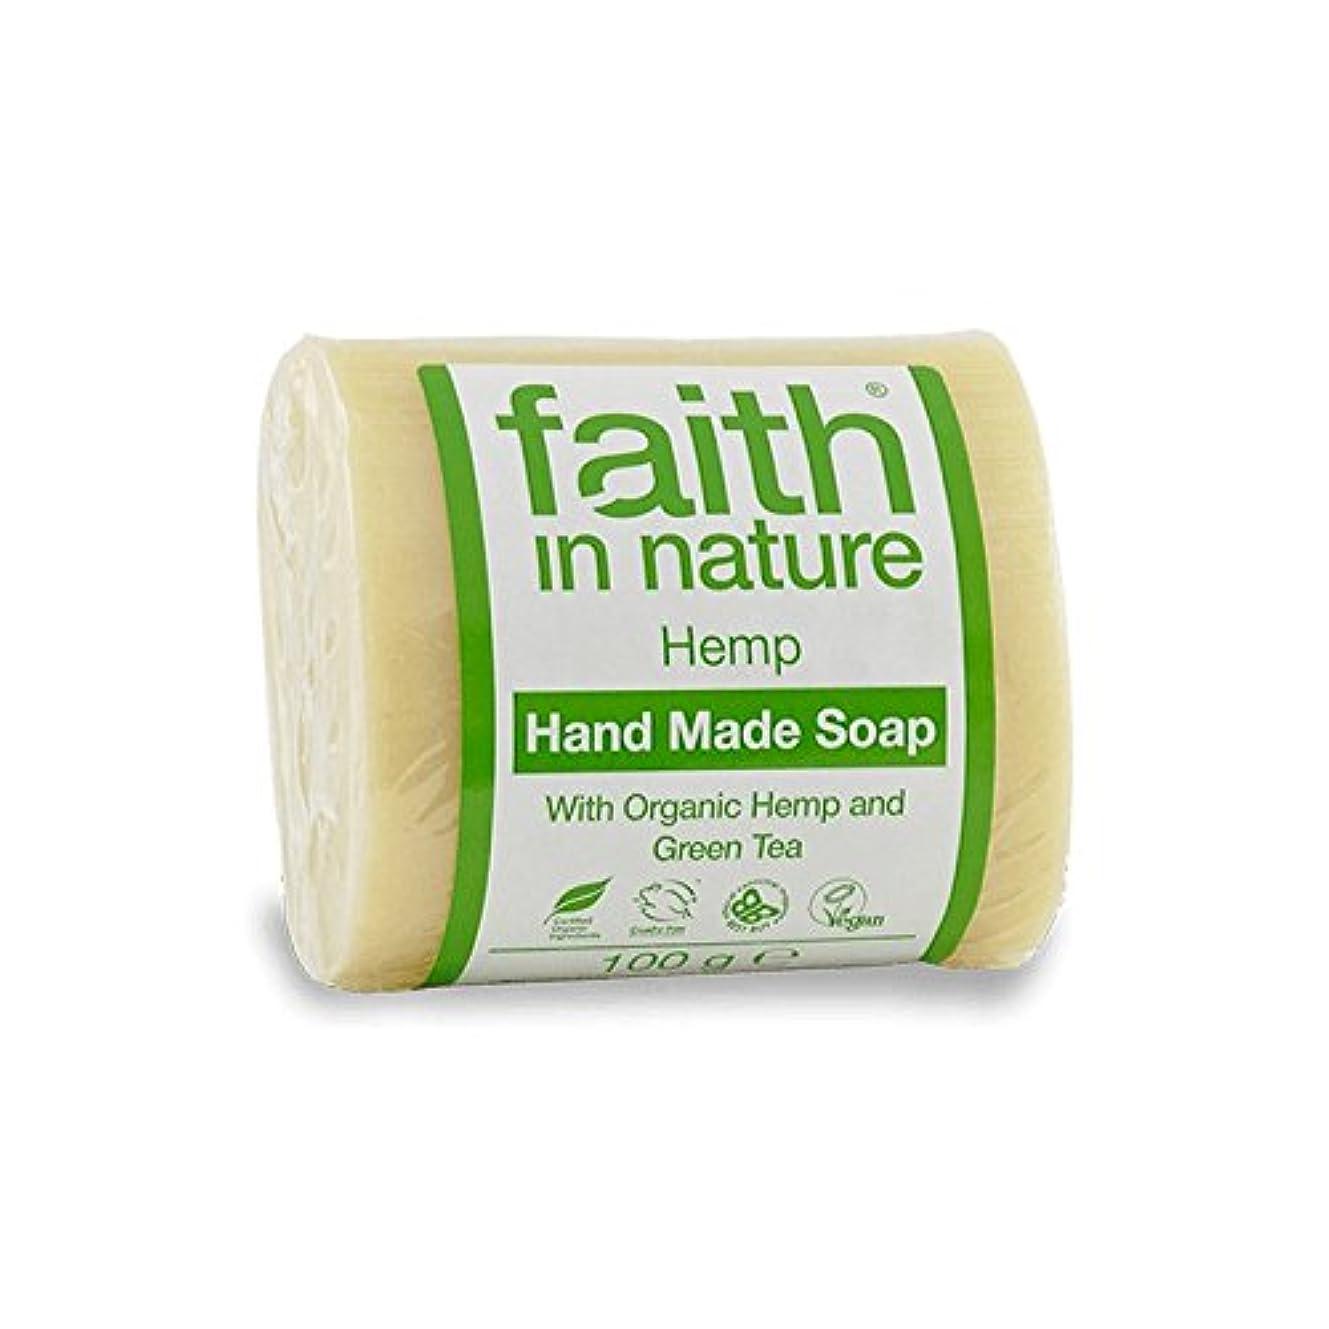 空虚原油生産性Faith in Nature Hemp with Green Tea Soap 100g (Pack of 2) - 緑茶石鹸100グラムと自然の麻の信仰 (x2) [並行輸入品]